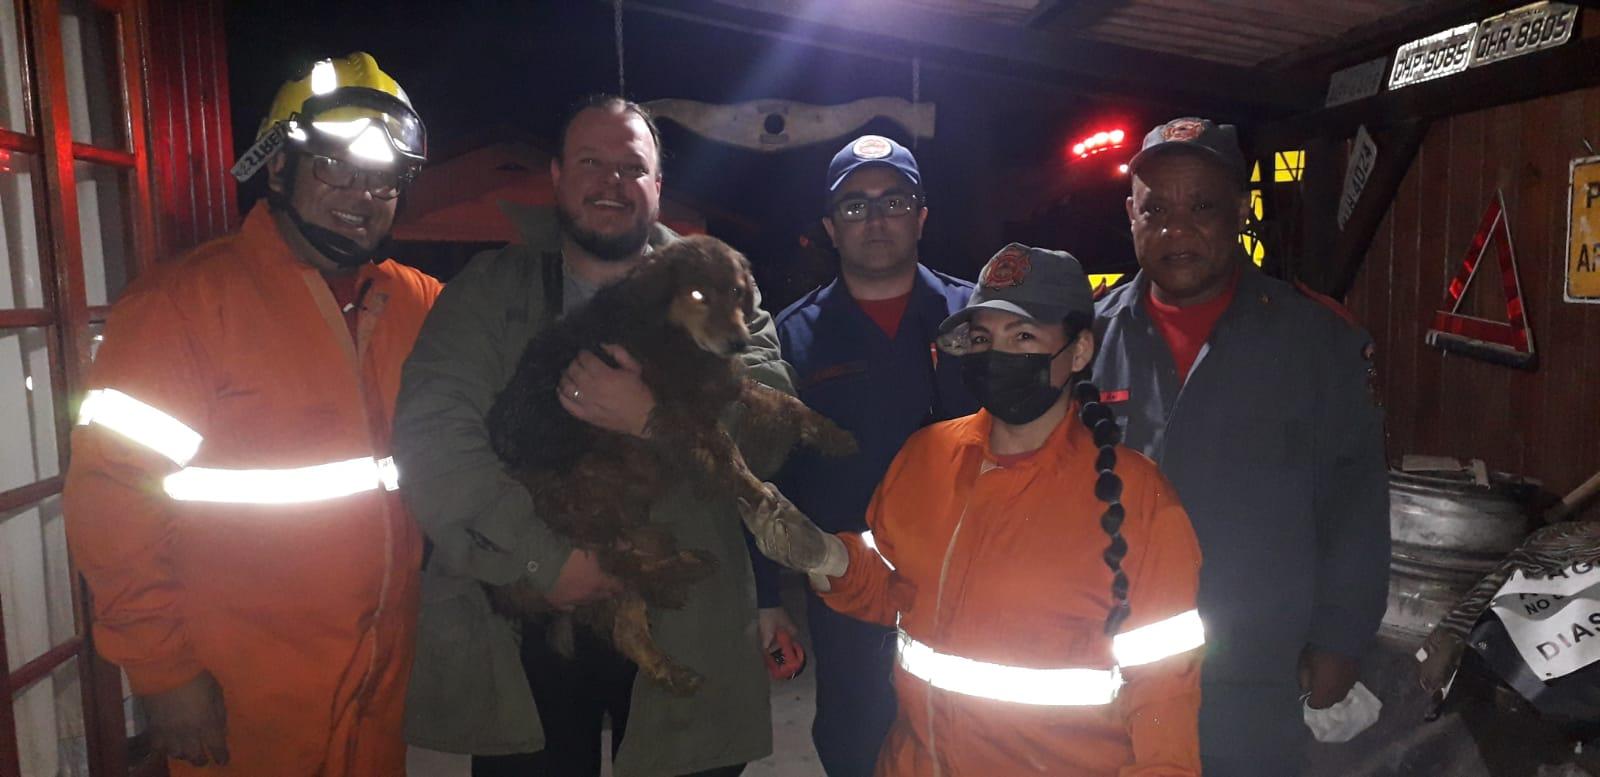 Cachorro soterrado é resgatado pelos bombeiros; veja o momento